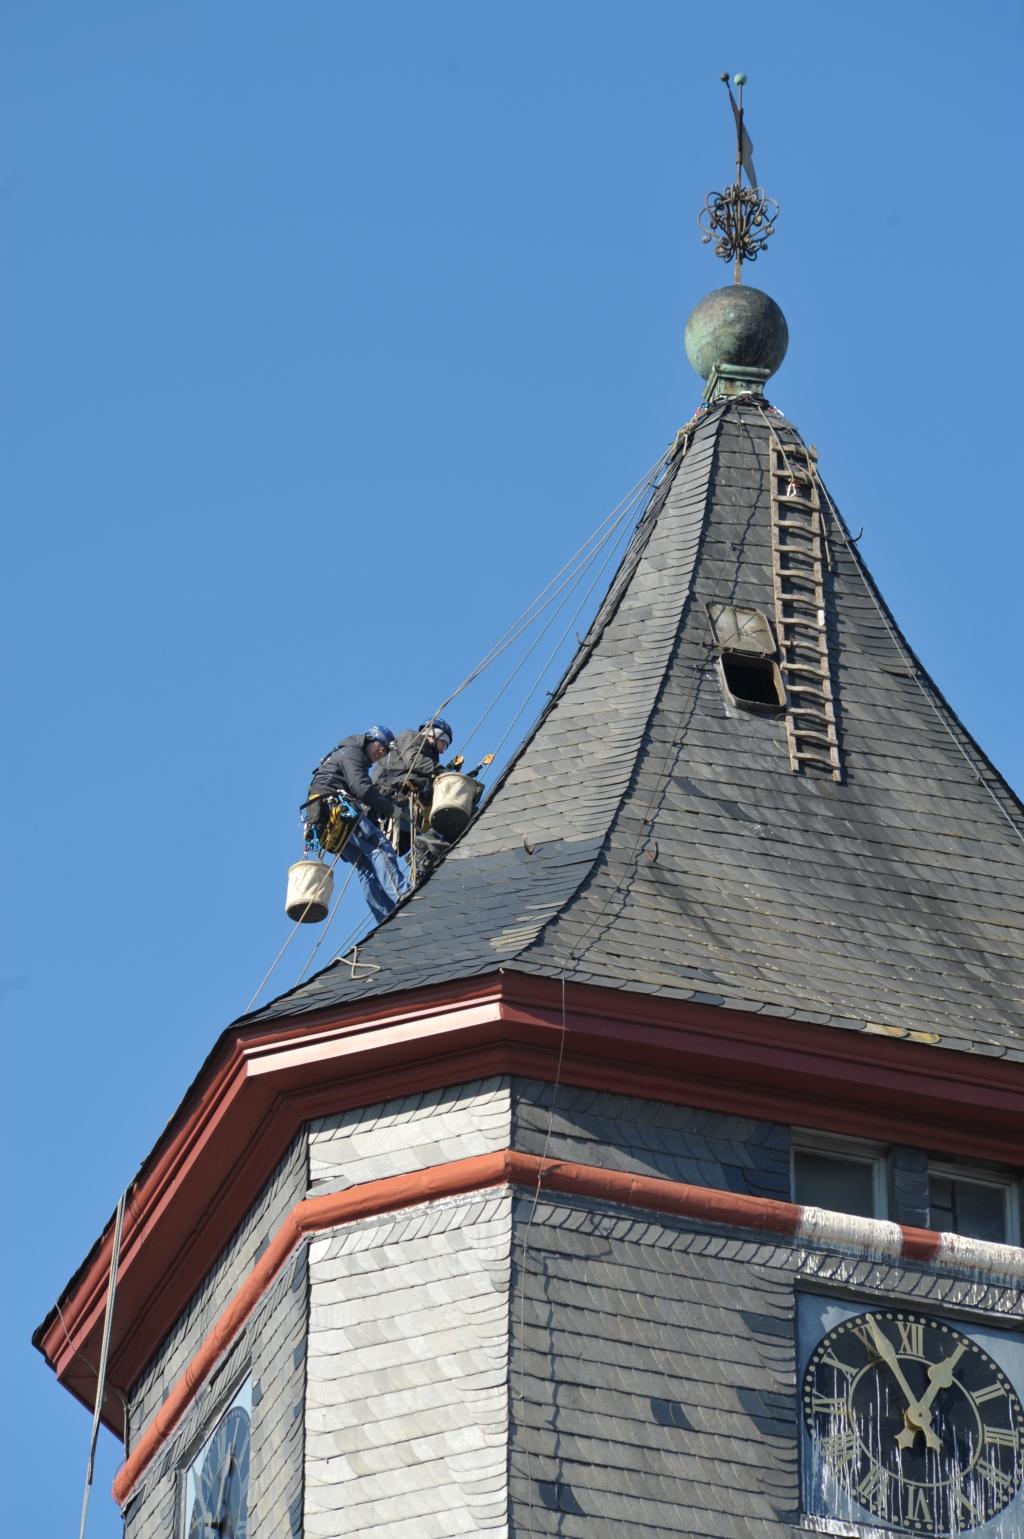 Kletterer am Kirchturm Februar 2018